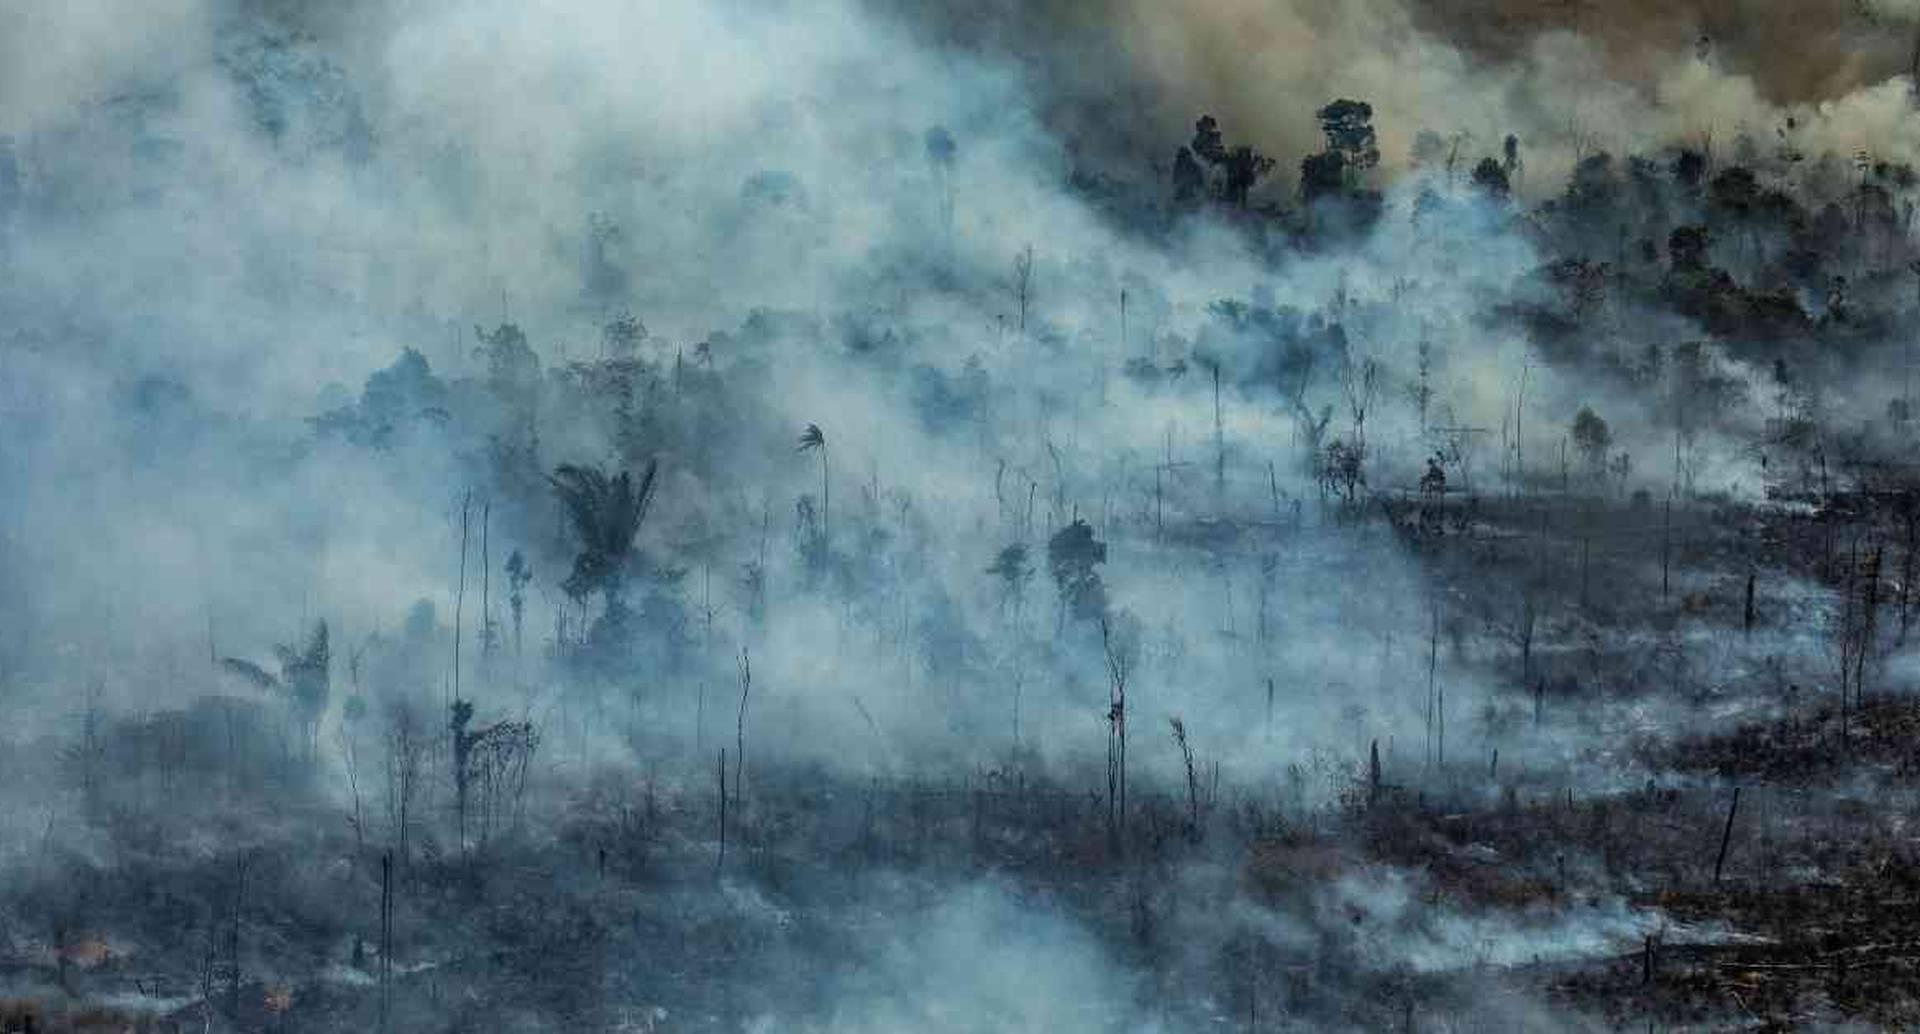 Ni la presión realizada por la permisividad del Gobierno en los incendios registrados en la Amazonia brasileña en 2019, han hecho desistir al presidente Bolsonaro de intervenir esa región. Foto: archivo Víctor Moriyama / Greenpeace.